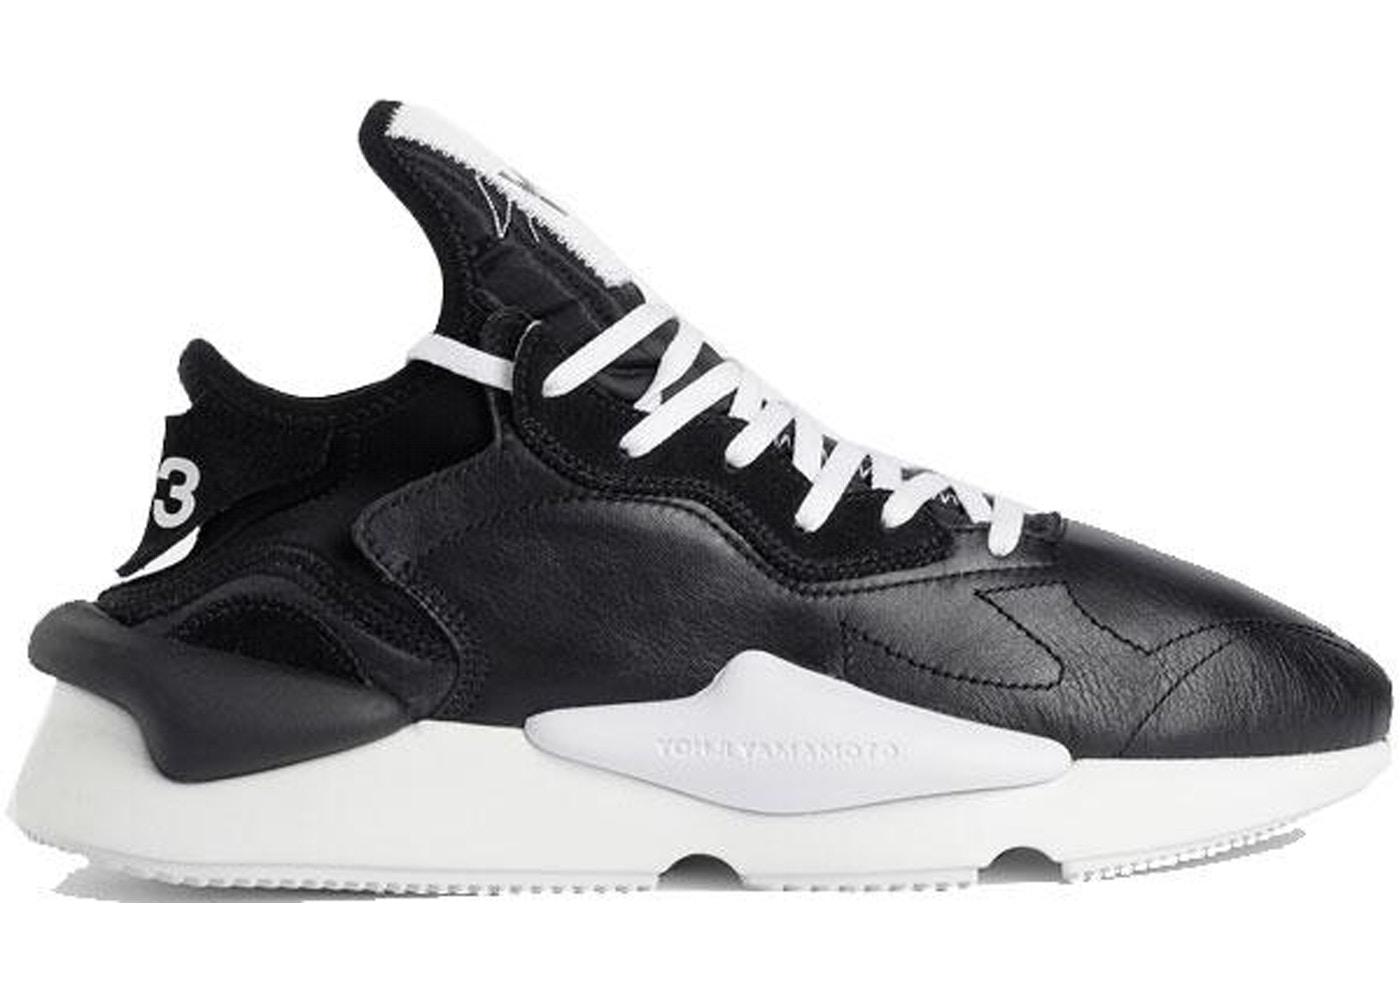 67b7e530c8e adidas Y-3 Kaiwa Black White Black Heel - F97415